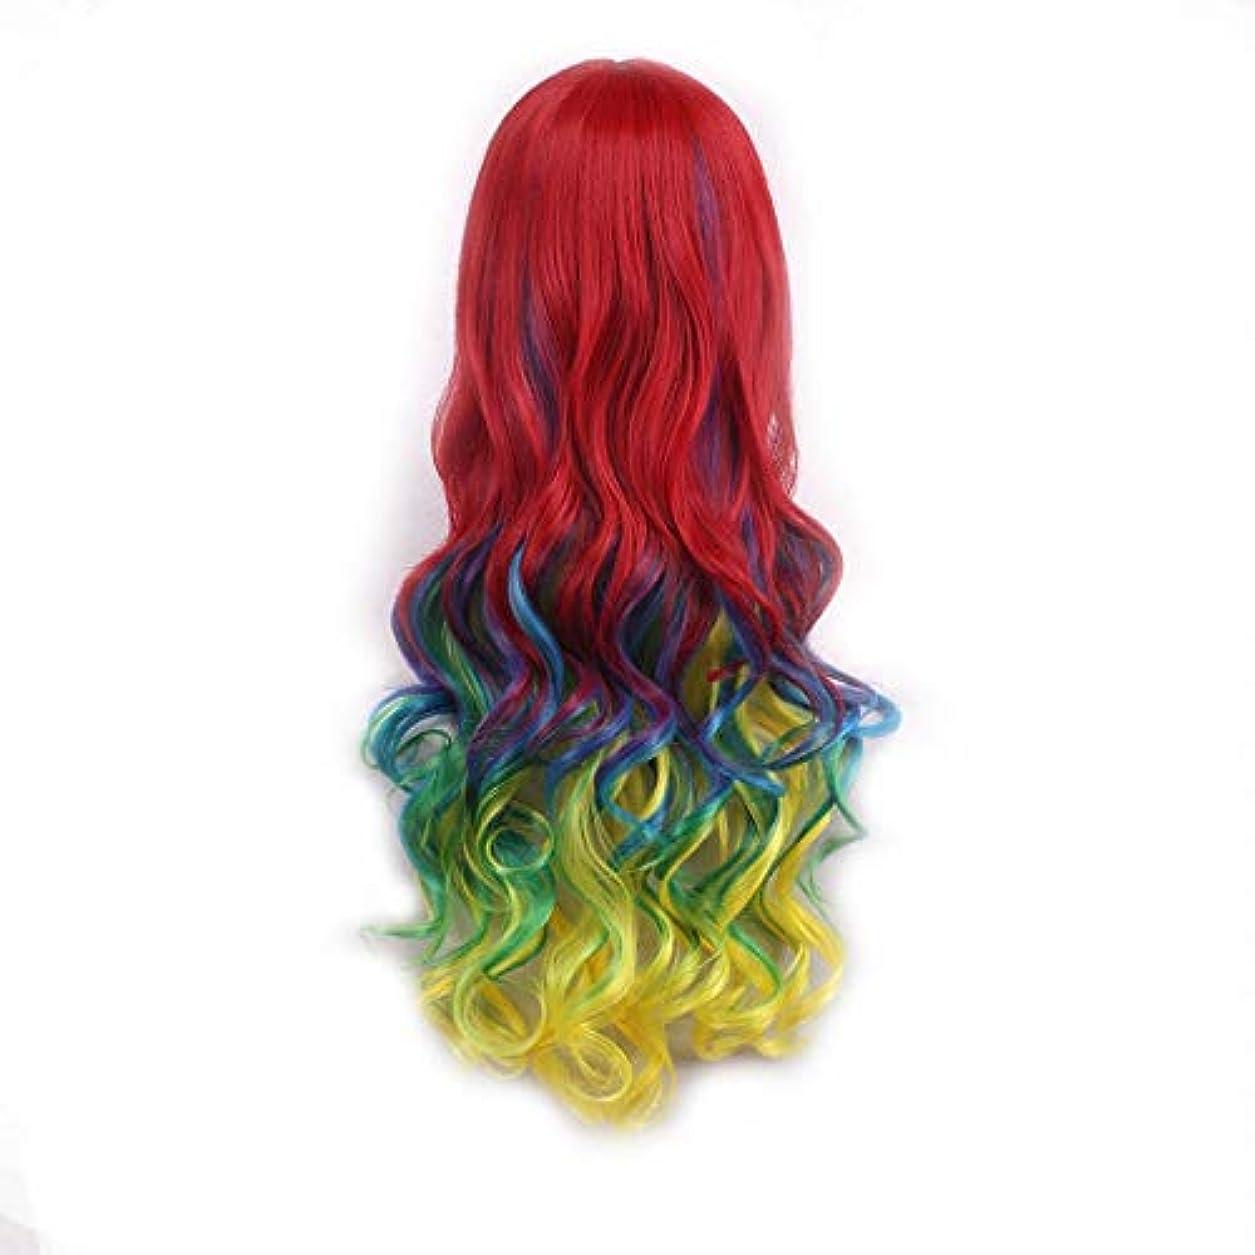 尊敬する現代コンソールウィッグキャップウィッグロングファンシードレスストレート&カールウィッグレディース高品質な合成色の髪のコスプレ高密度ウィッグ女性と女の子 (Color : Curls)